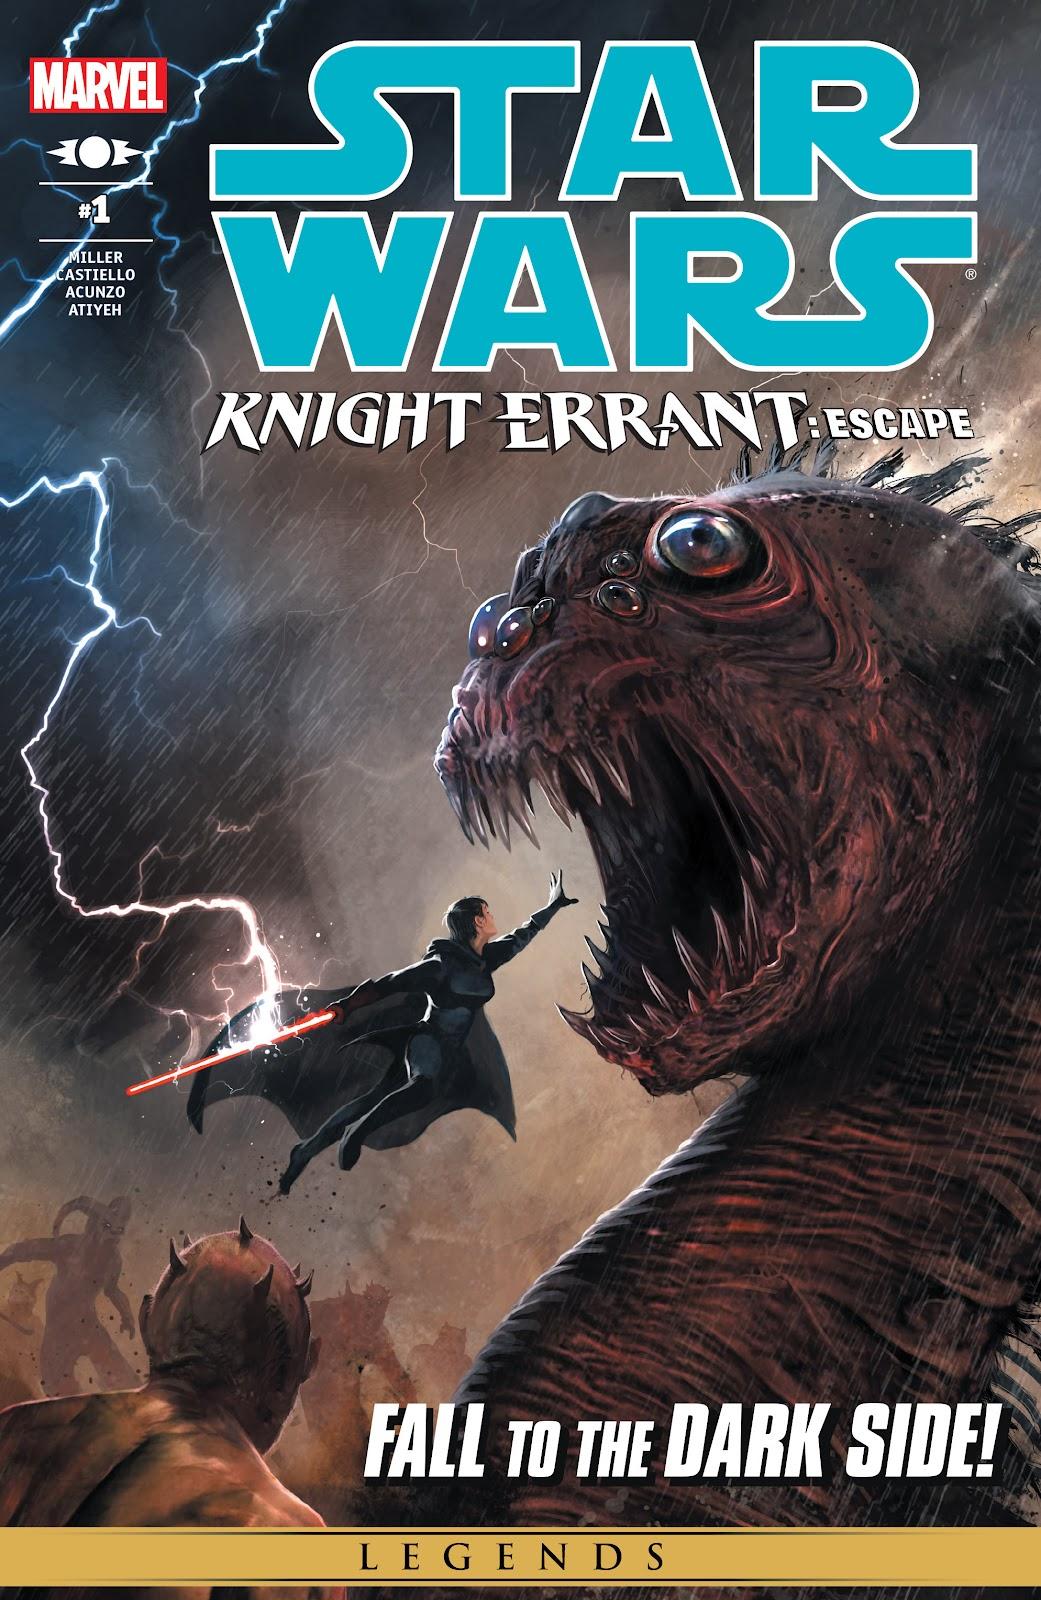 Star Wars: Knight Errant - Escape 1 Page 1